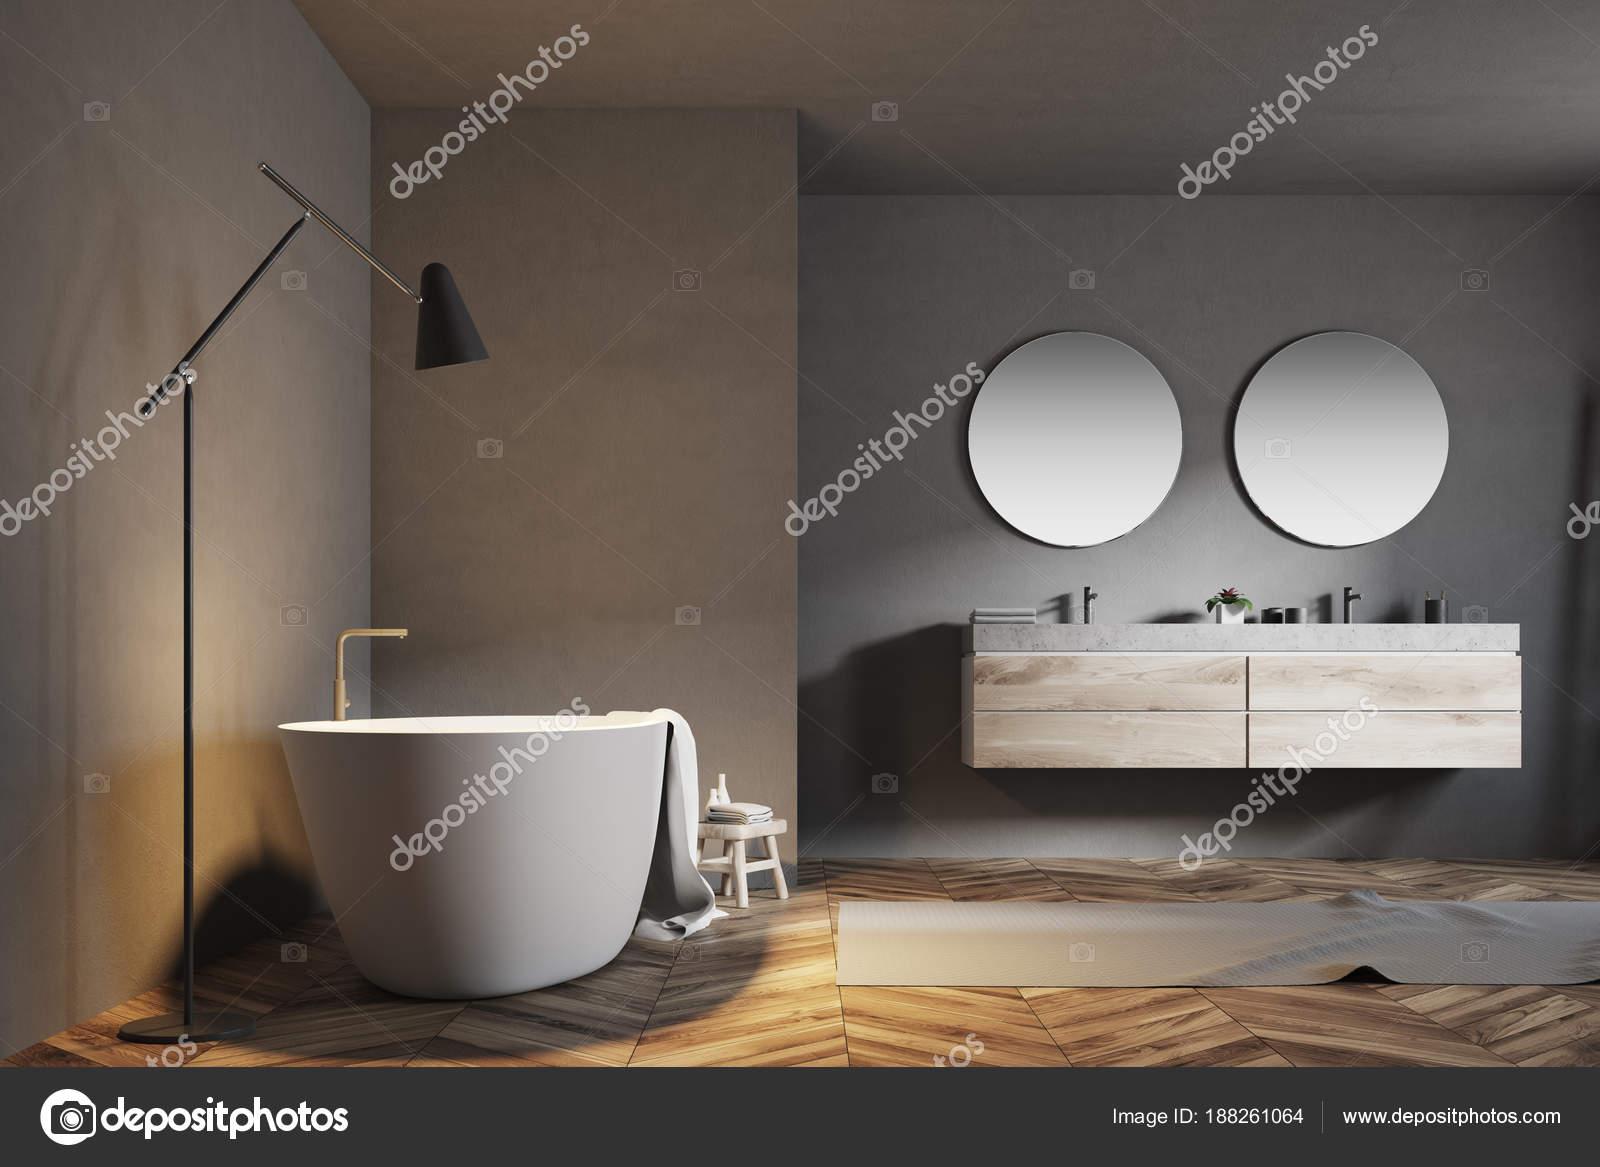 Luxus Badezimmer Interieur, Graue Wände U2014 Stockfoto